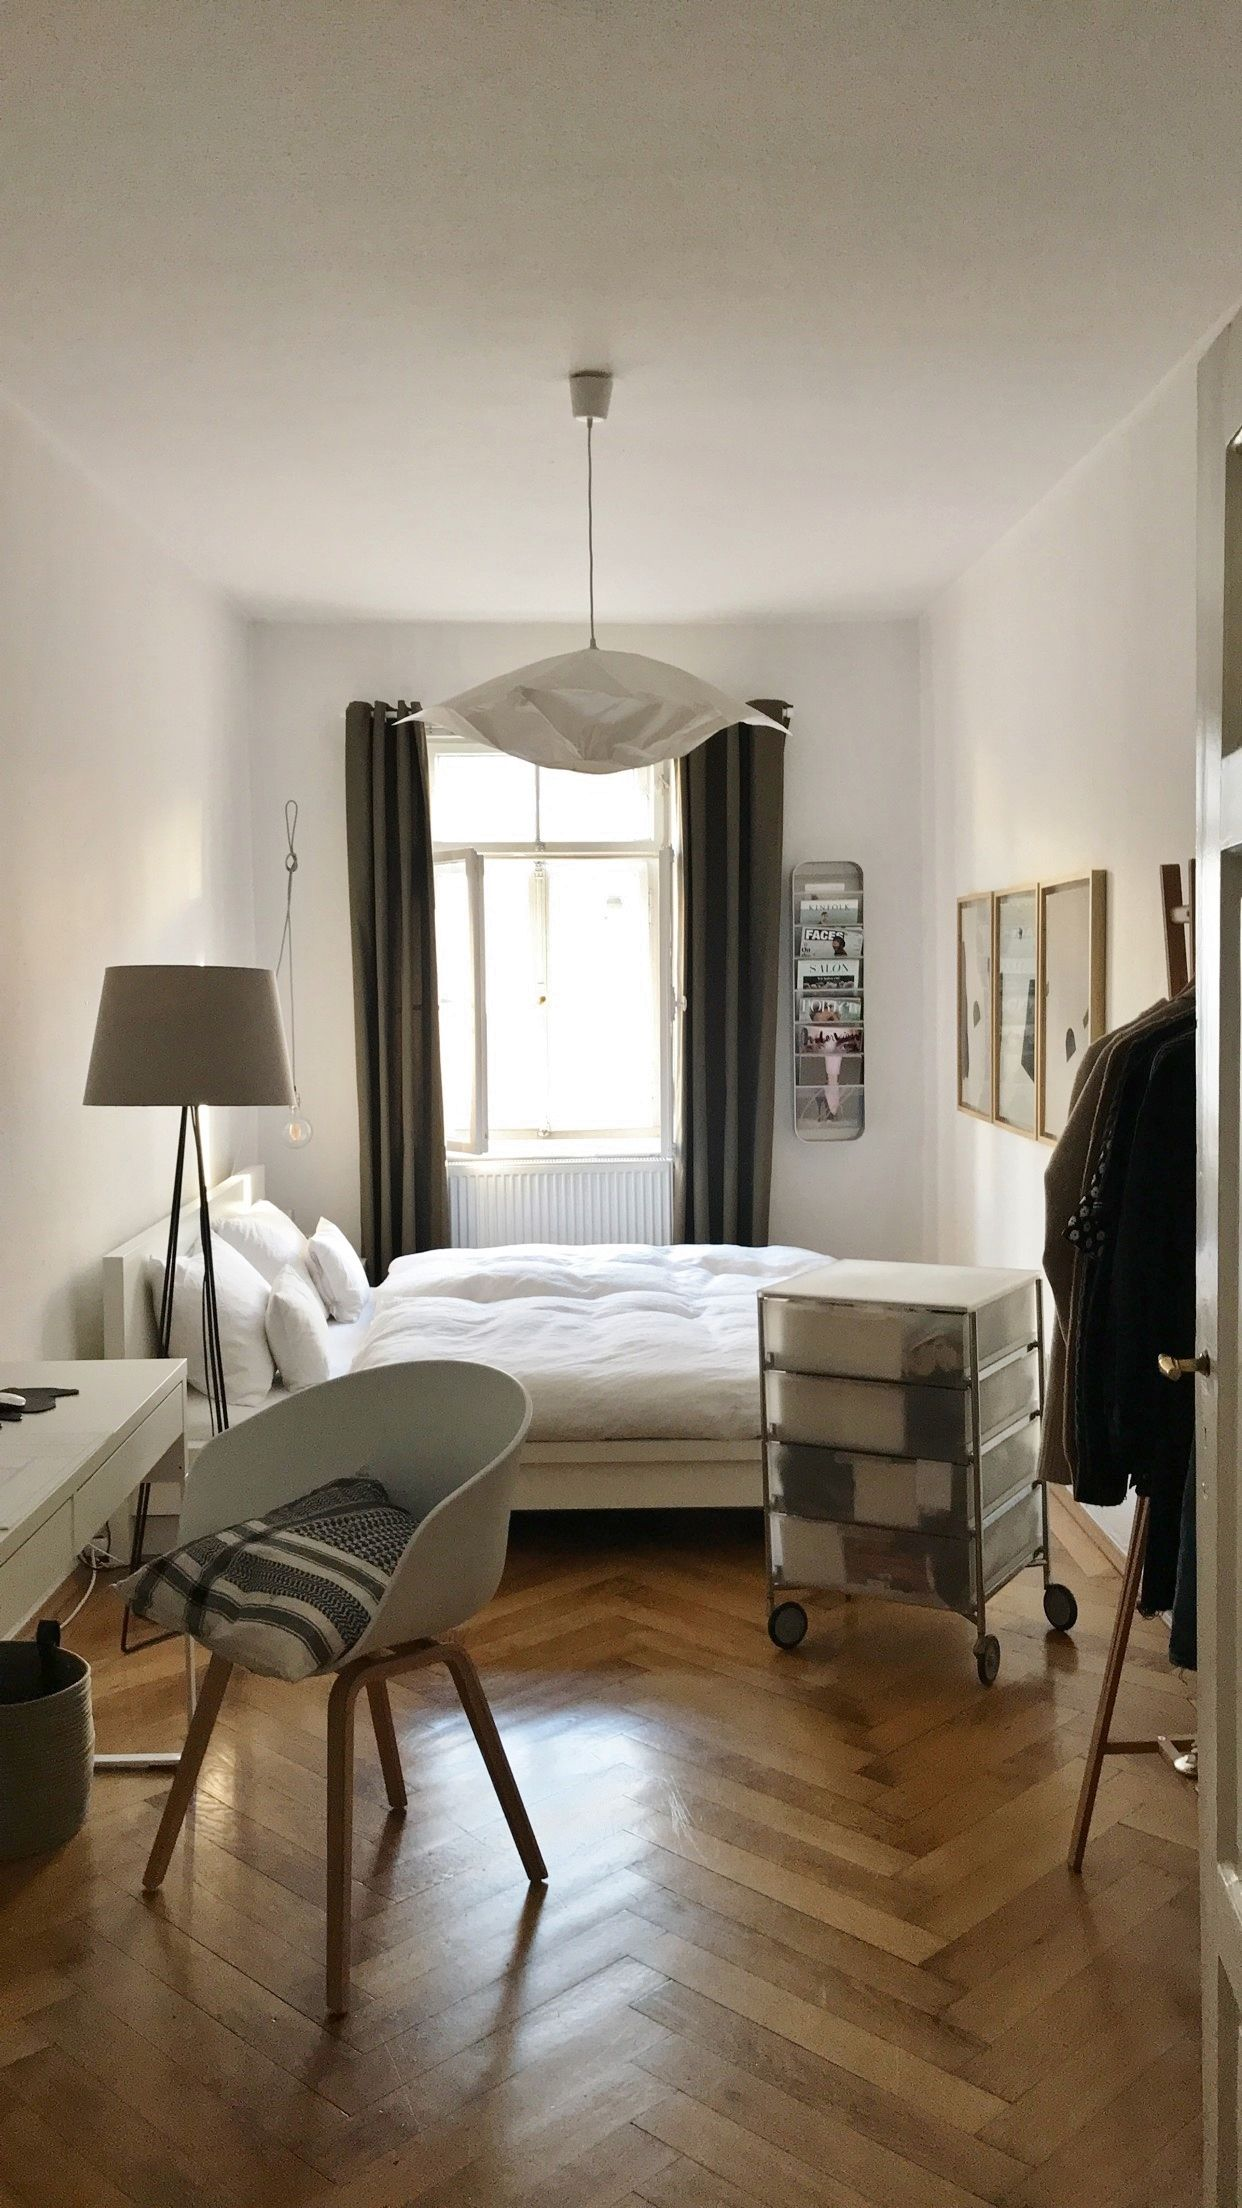 neueste ausgefallene ideen zur raumabtrennung konzept garten design ideen. Black Bedroom Furniture Sets. Home Design Ideas